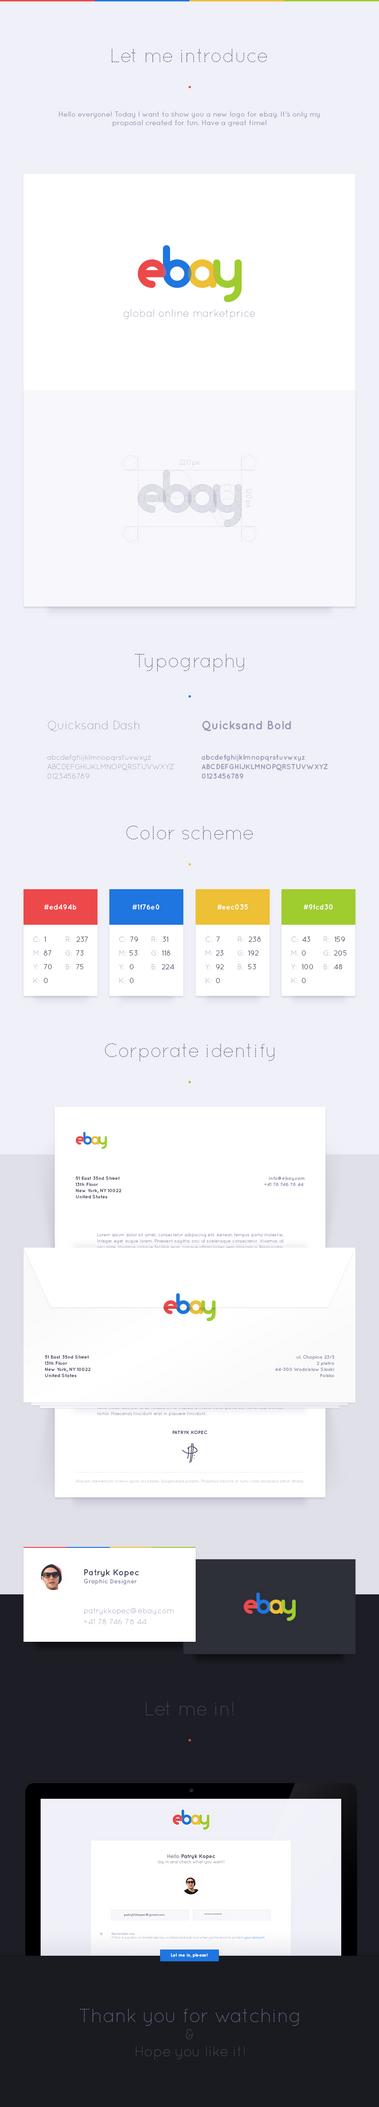 ebay - global online marketplace by encore13